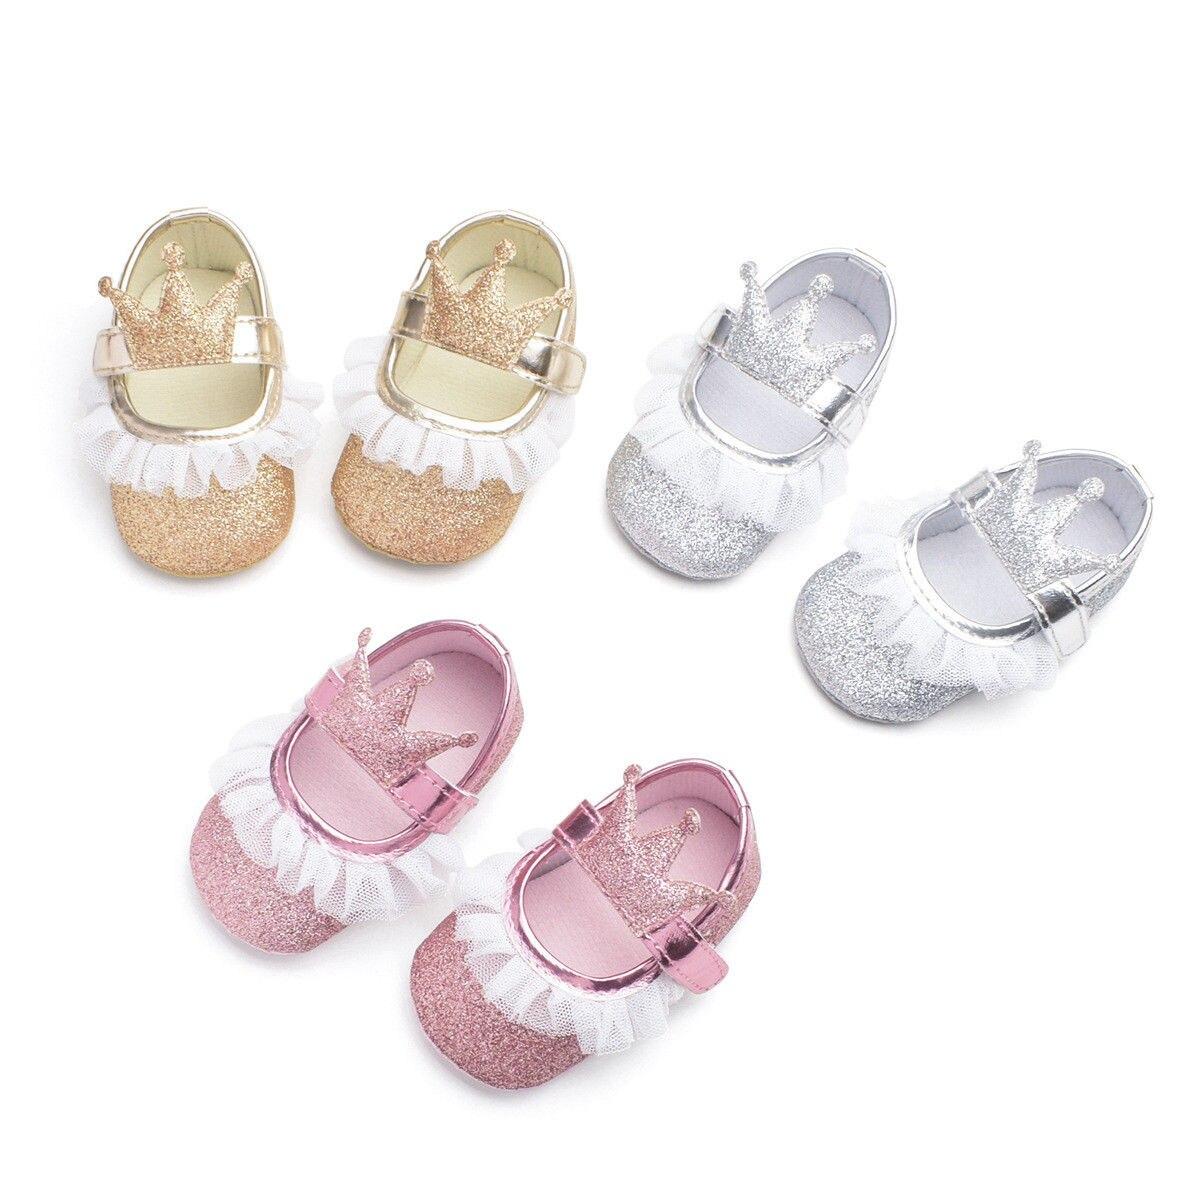 2018 Multitrust Btand Kleinkind Mädchen Weiche Sohle Krippe Schuhe Pailletten Flache Sneaker Baby Spitze Gold Silber Rosa Schuhe Nette Prewalker